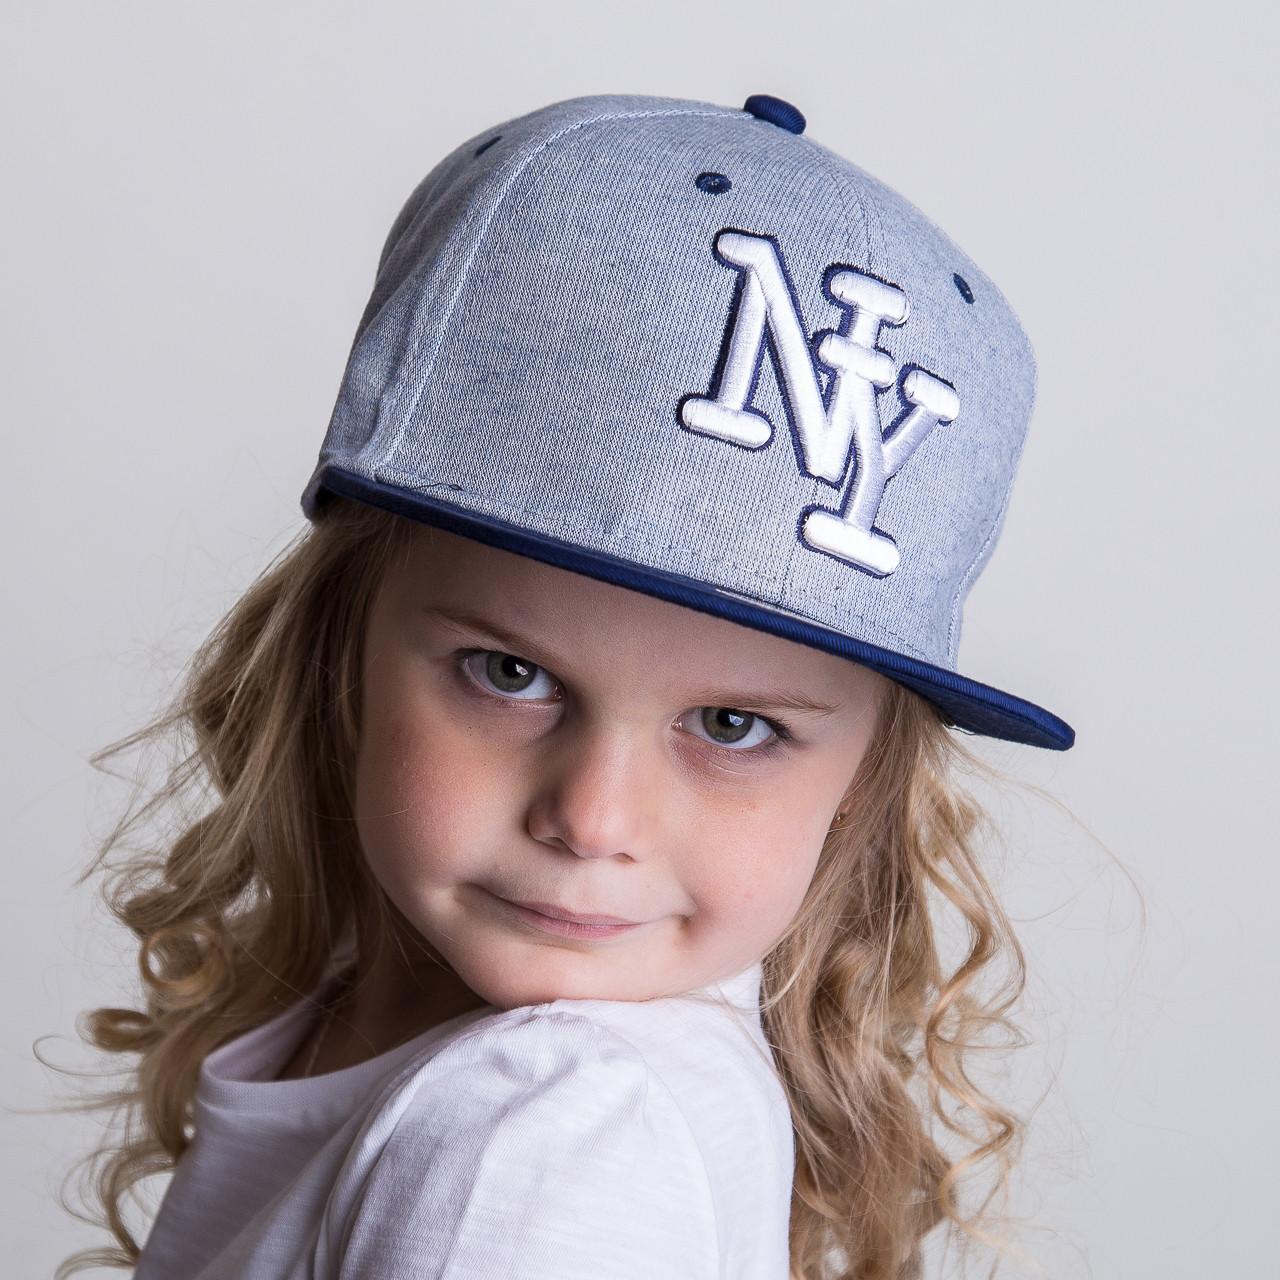 Реперская кепка для девочек Snapback от производителя - New York - Б37